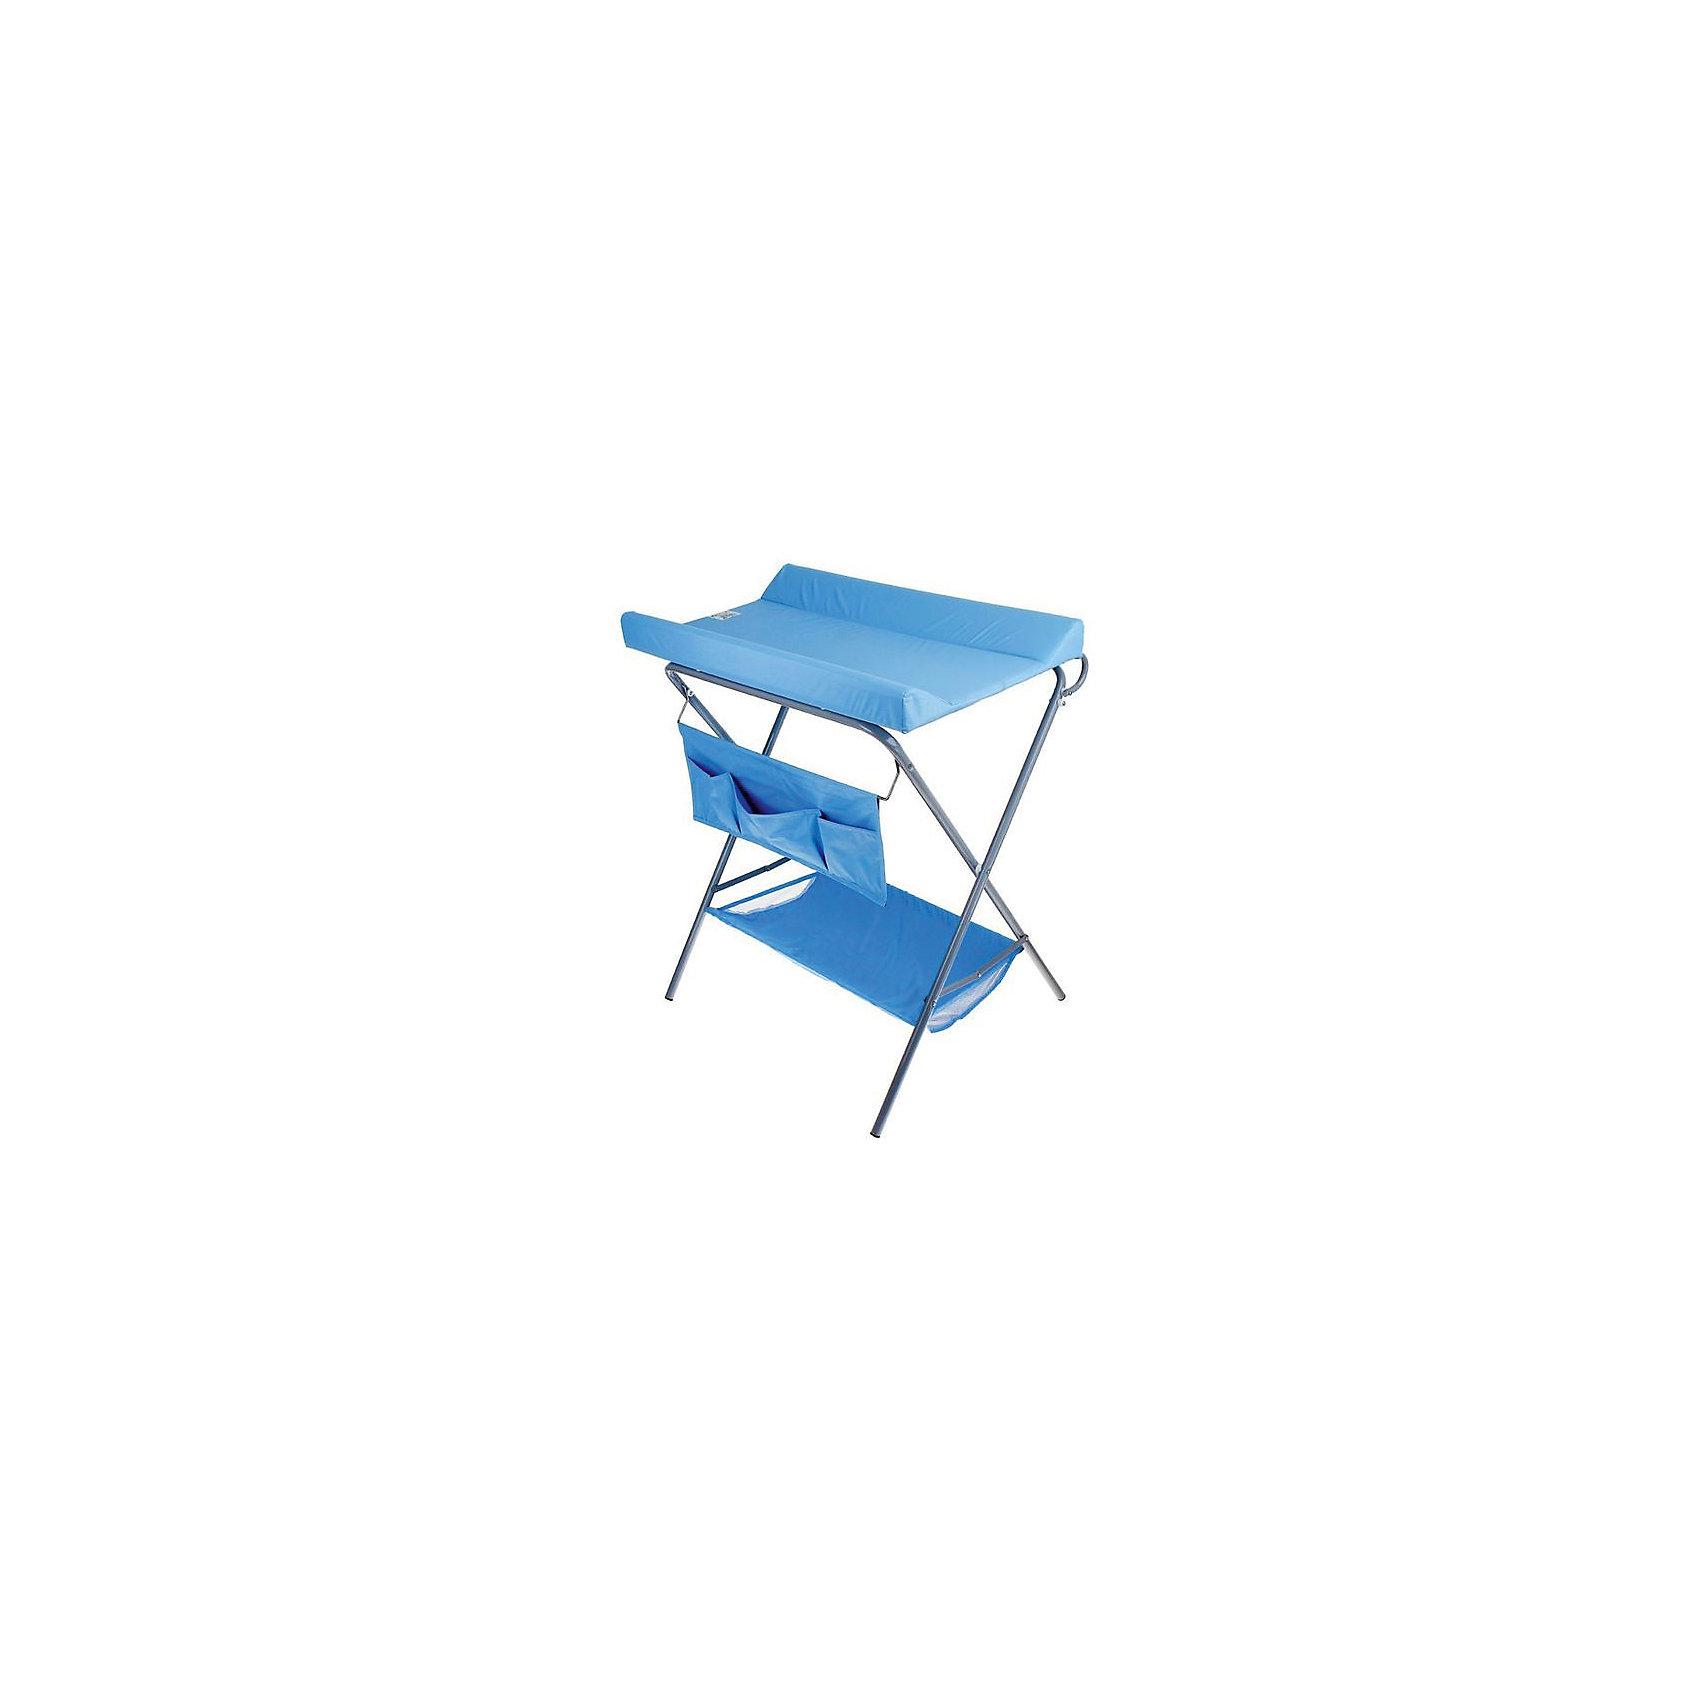 Пеленальный столик, Фея, голубой (ФЕЯ)